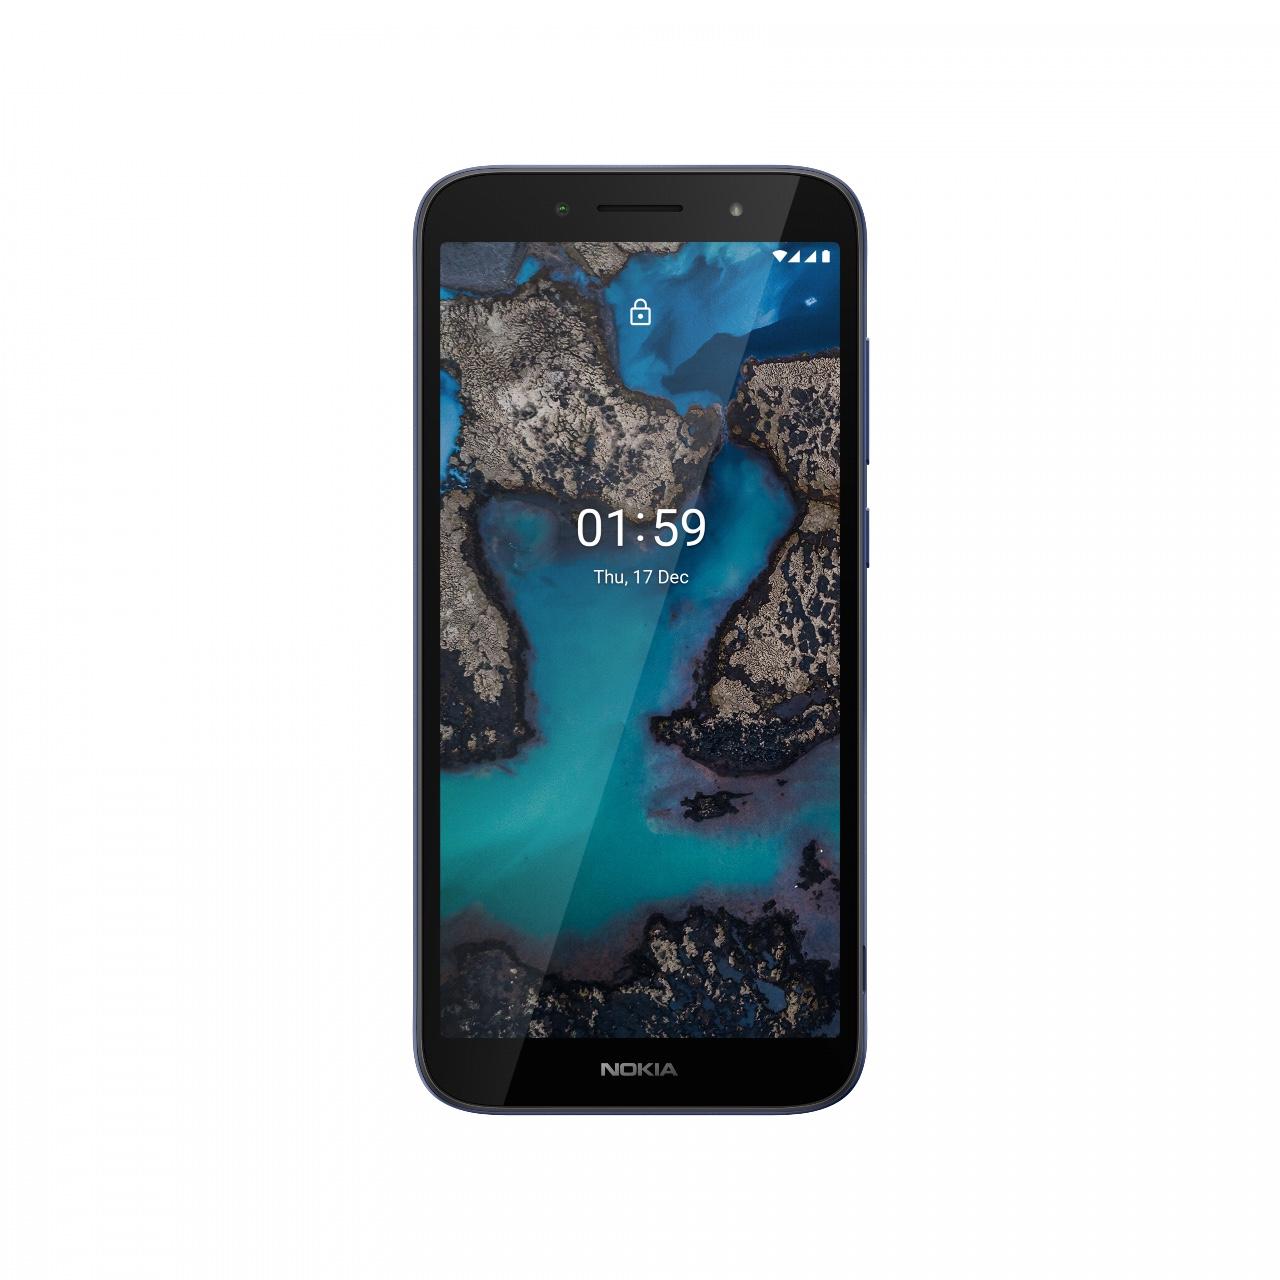 Llega a Uruguay el nuevo Nokia C1 Plus, el más económico de la marca